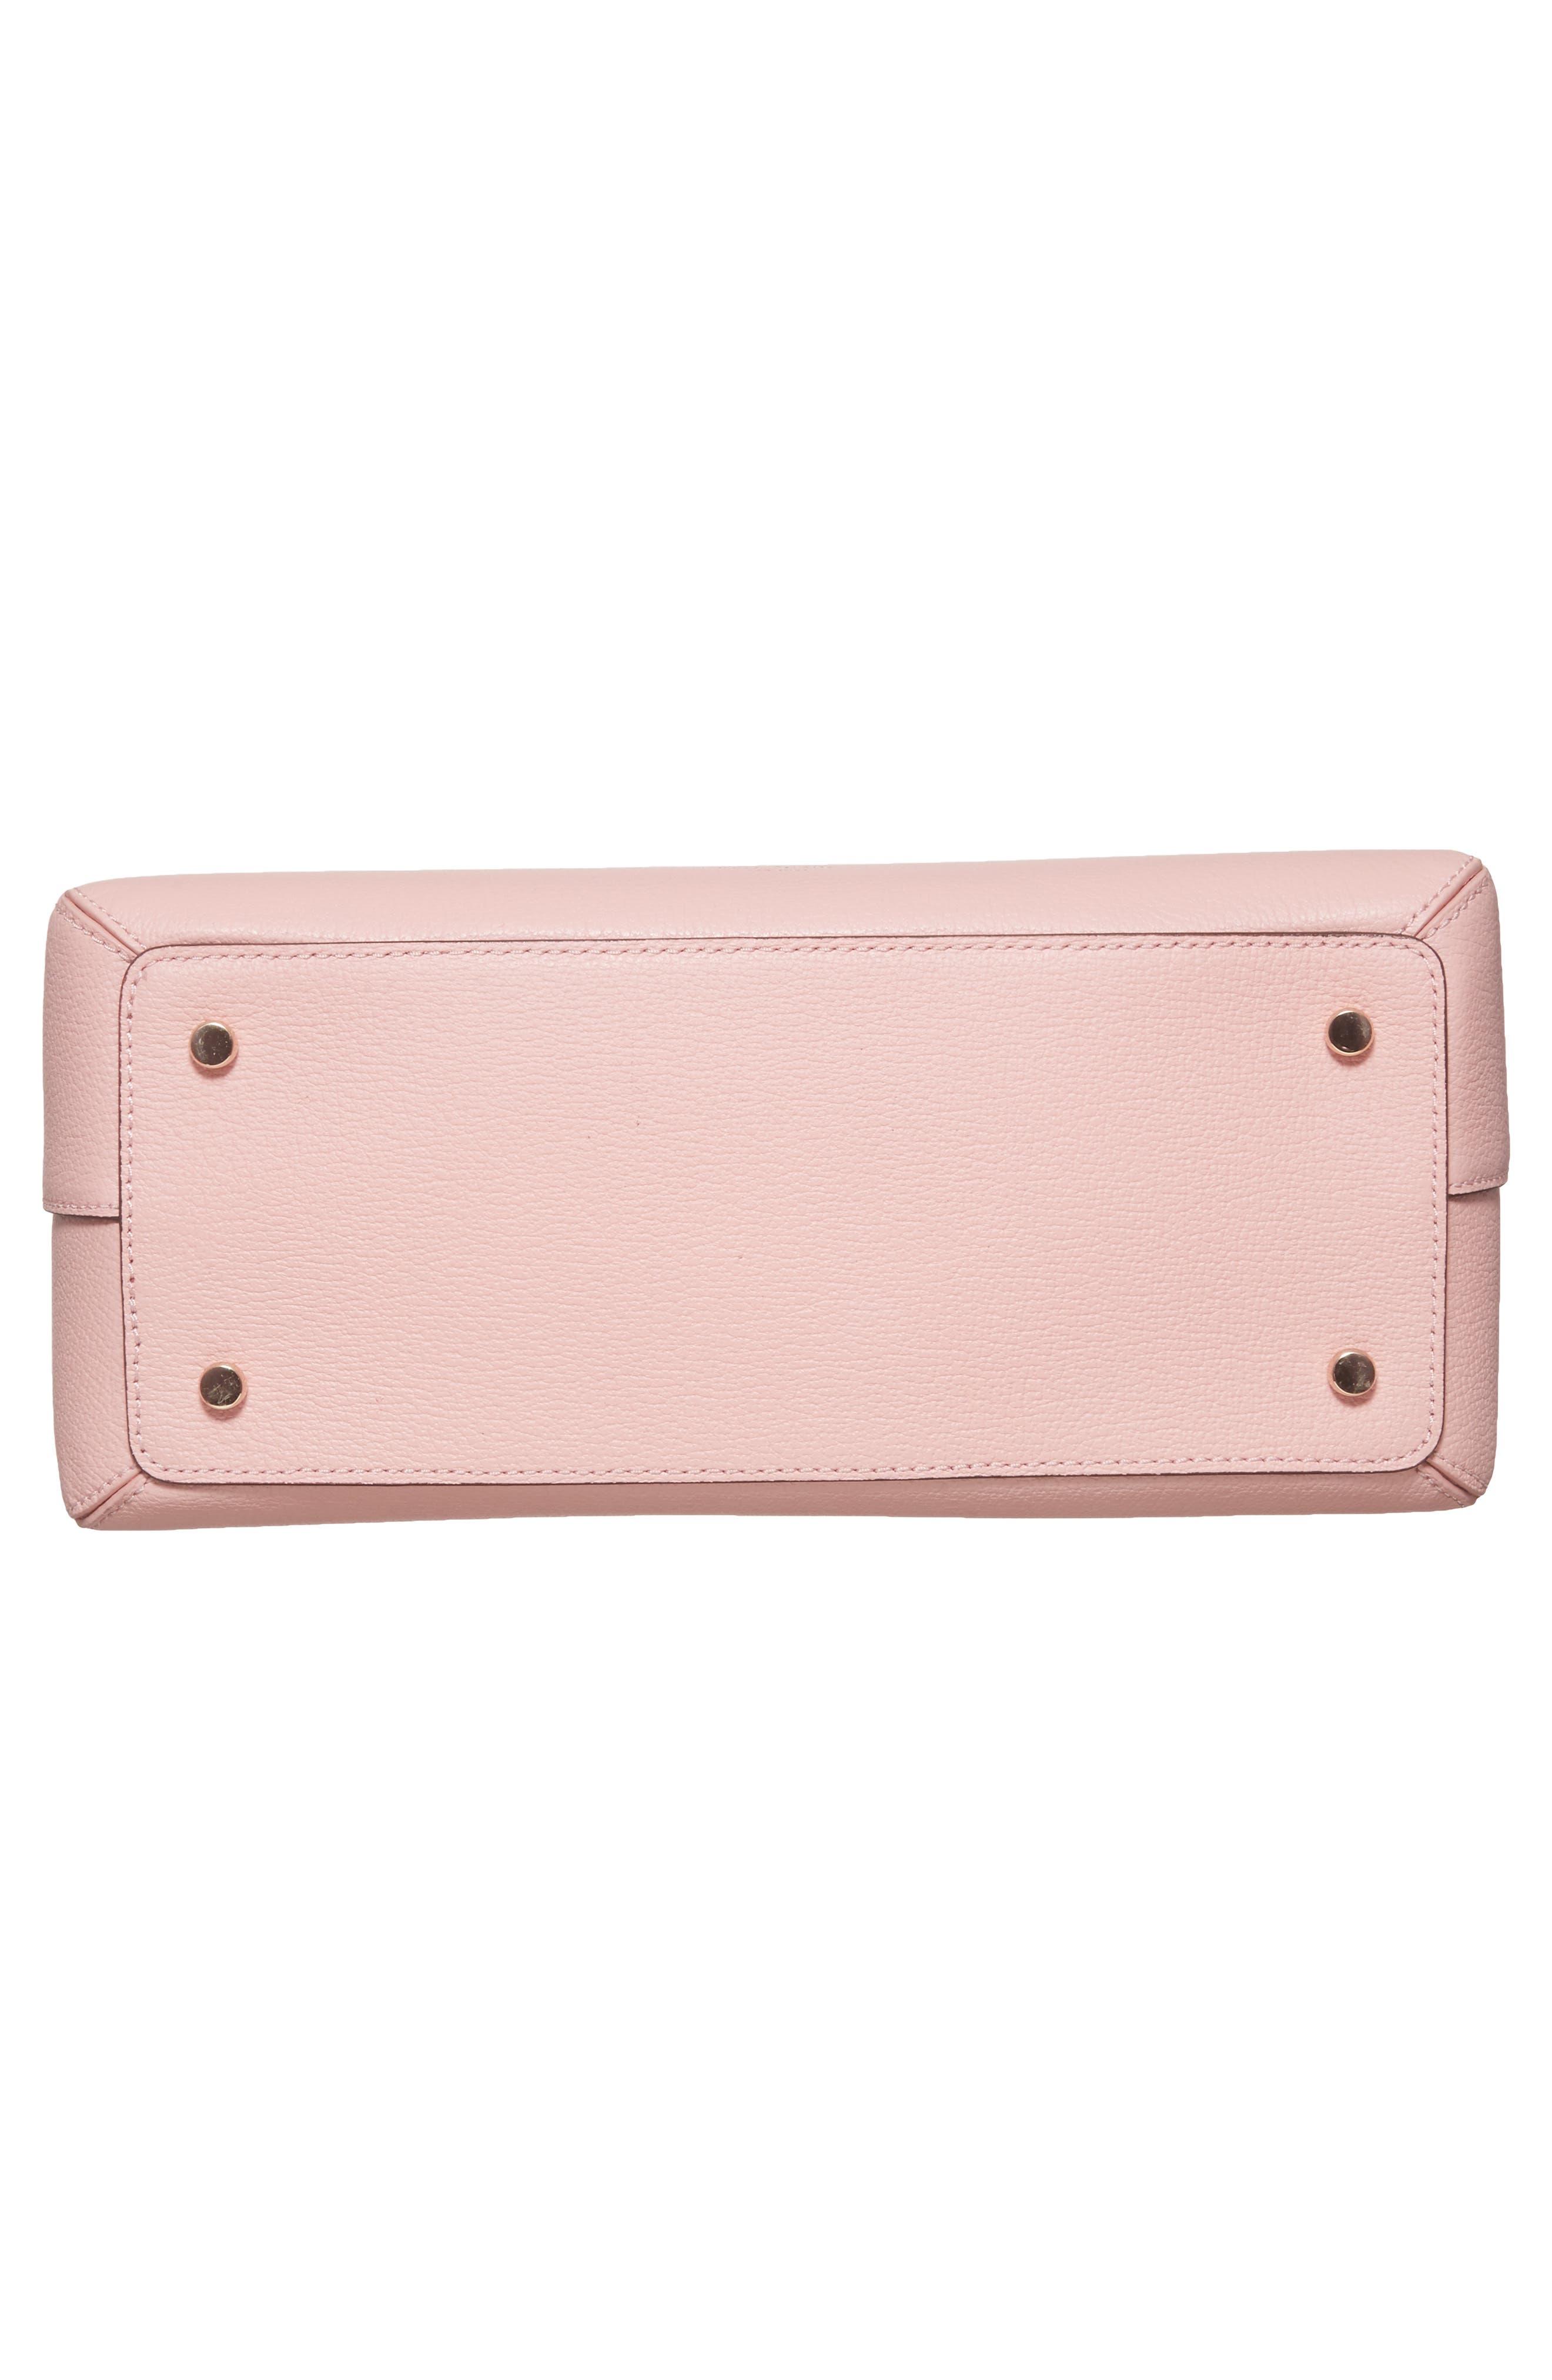 olive drive lottie leather satchel,                             Alternate thumbnail 12, color,